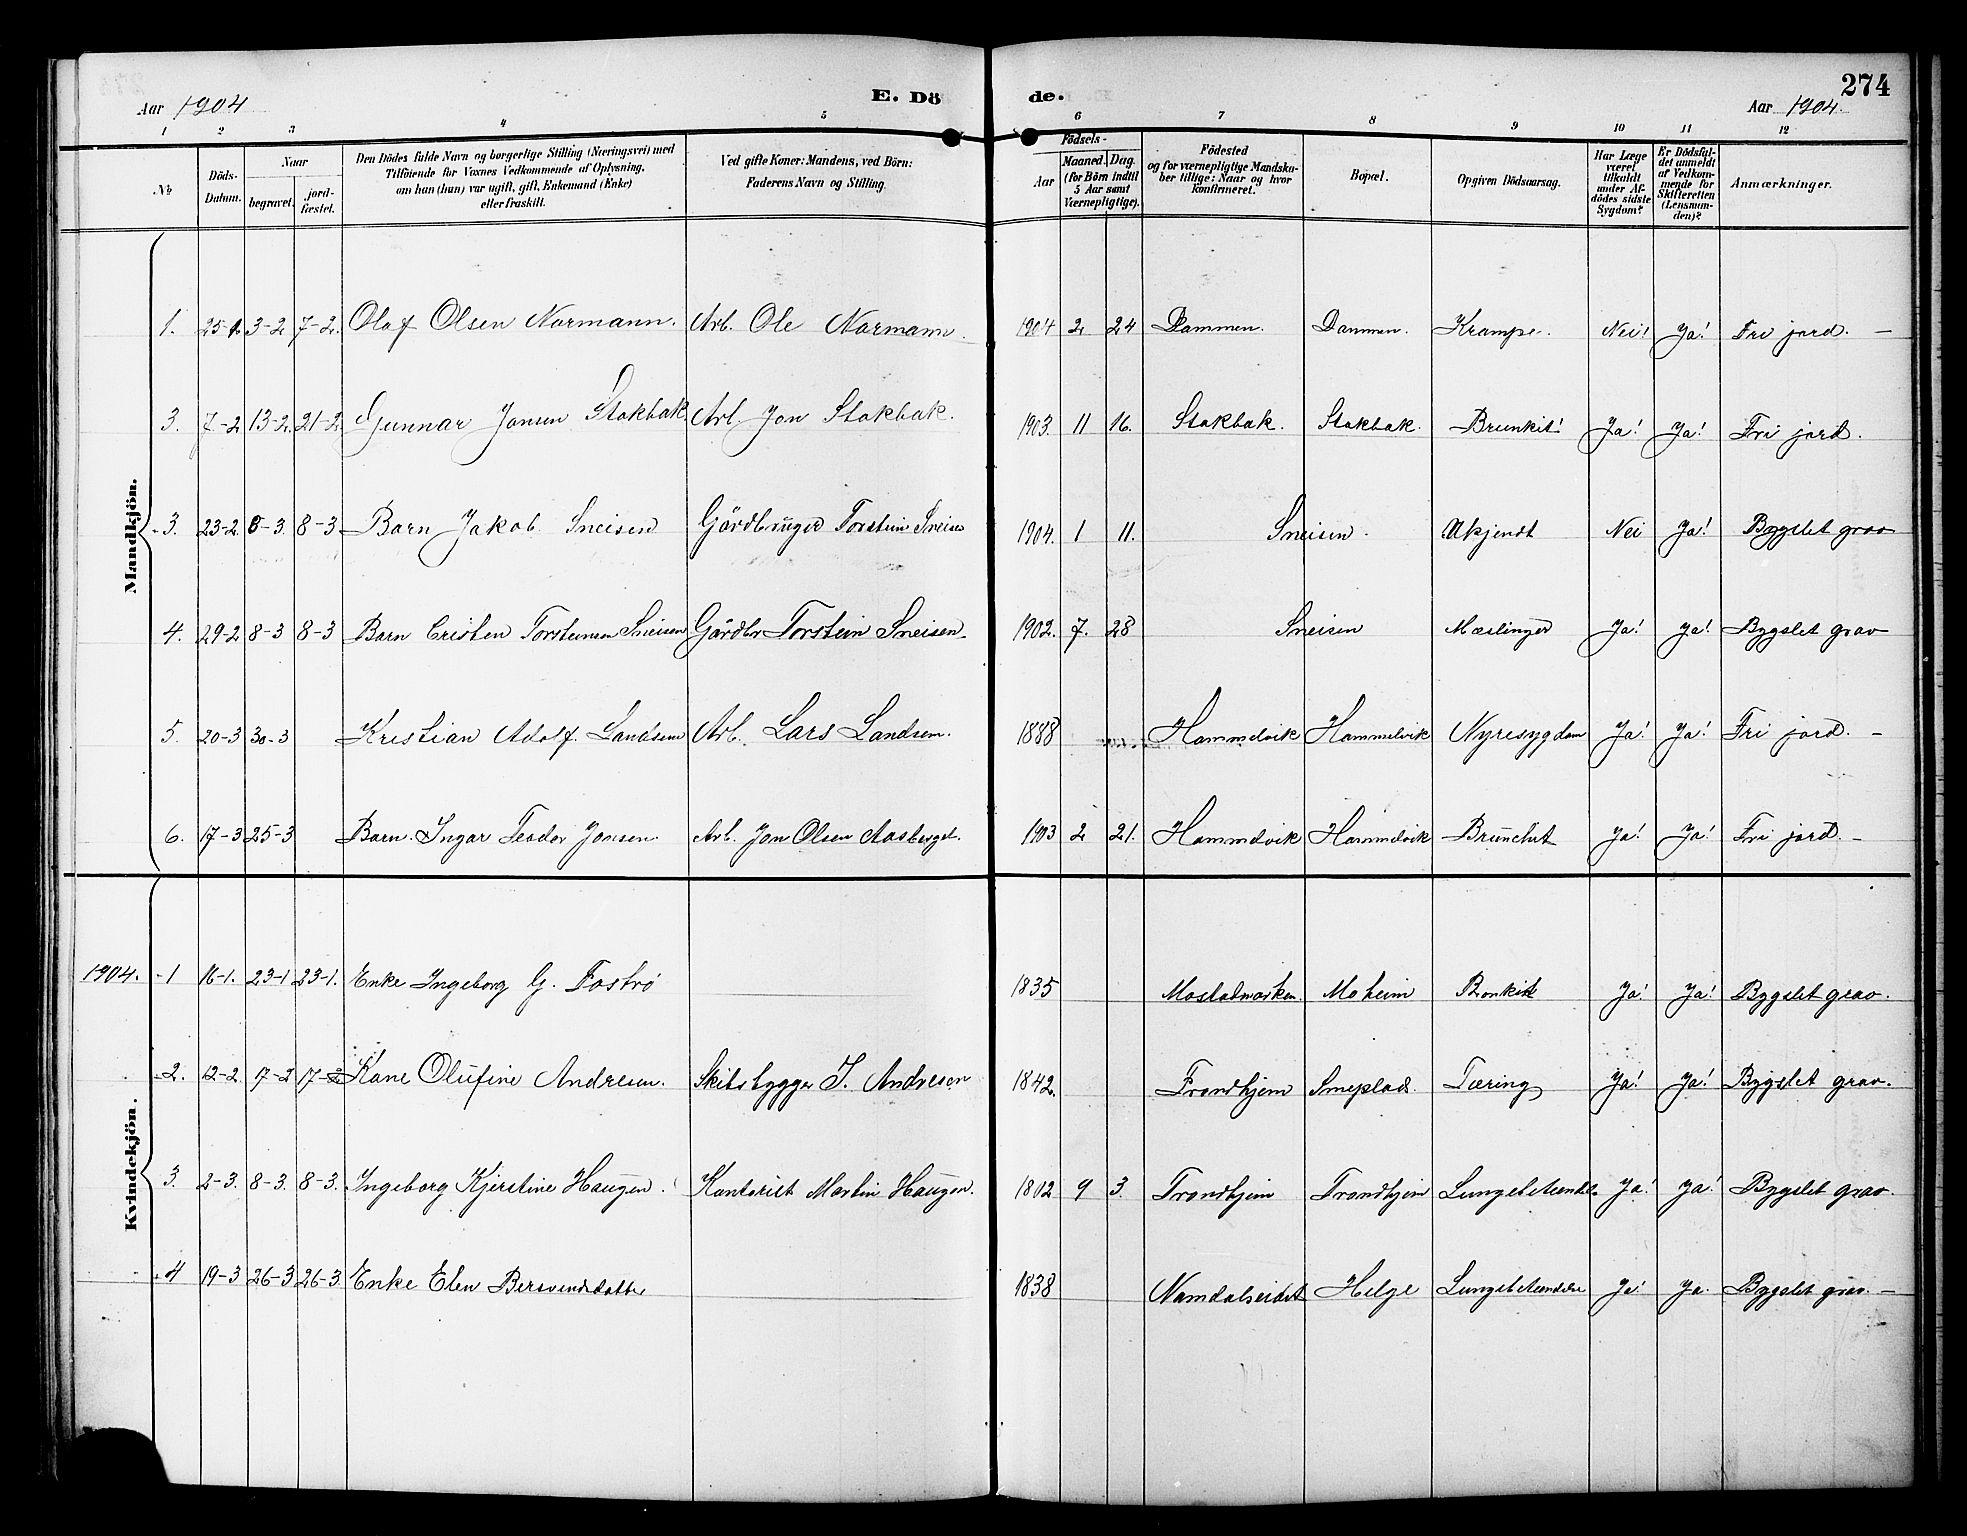 SAT, Ministerialprotokoller, klokkerbøker og fødselsregistre - Sør-Trøndelag, 617/L0431: Klokkerbok nr. 617C01, 1889-1910, s. 274